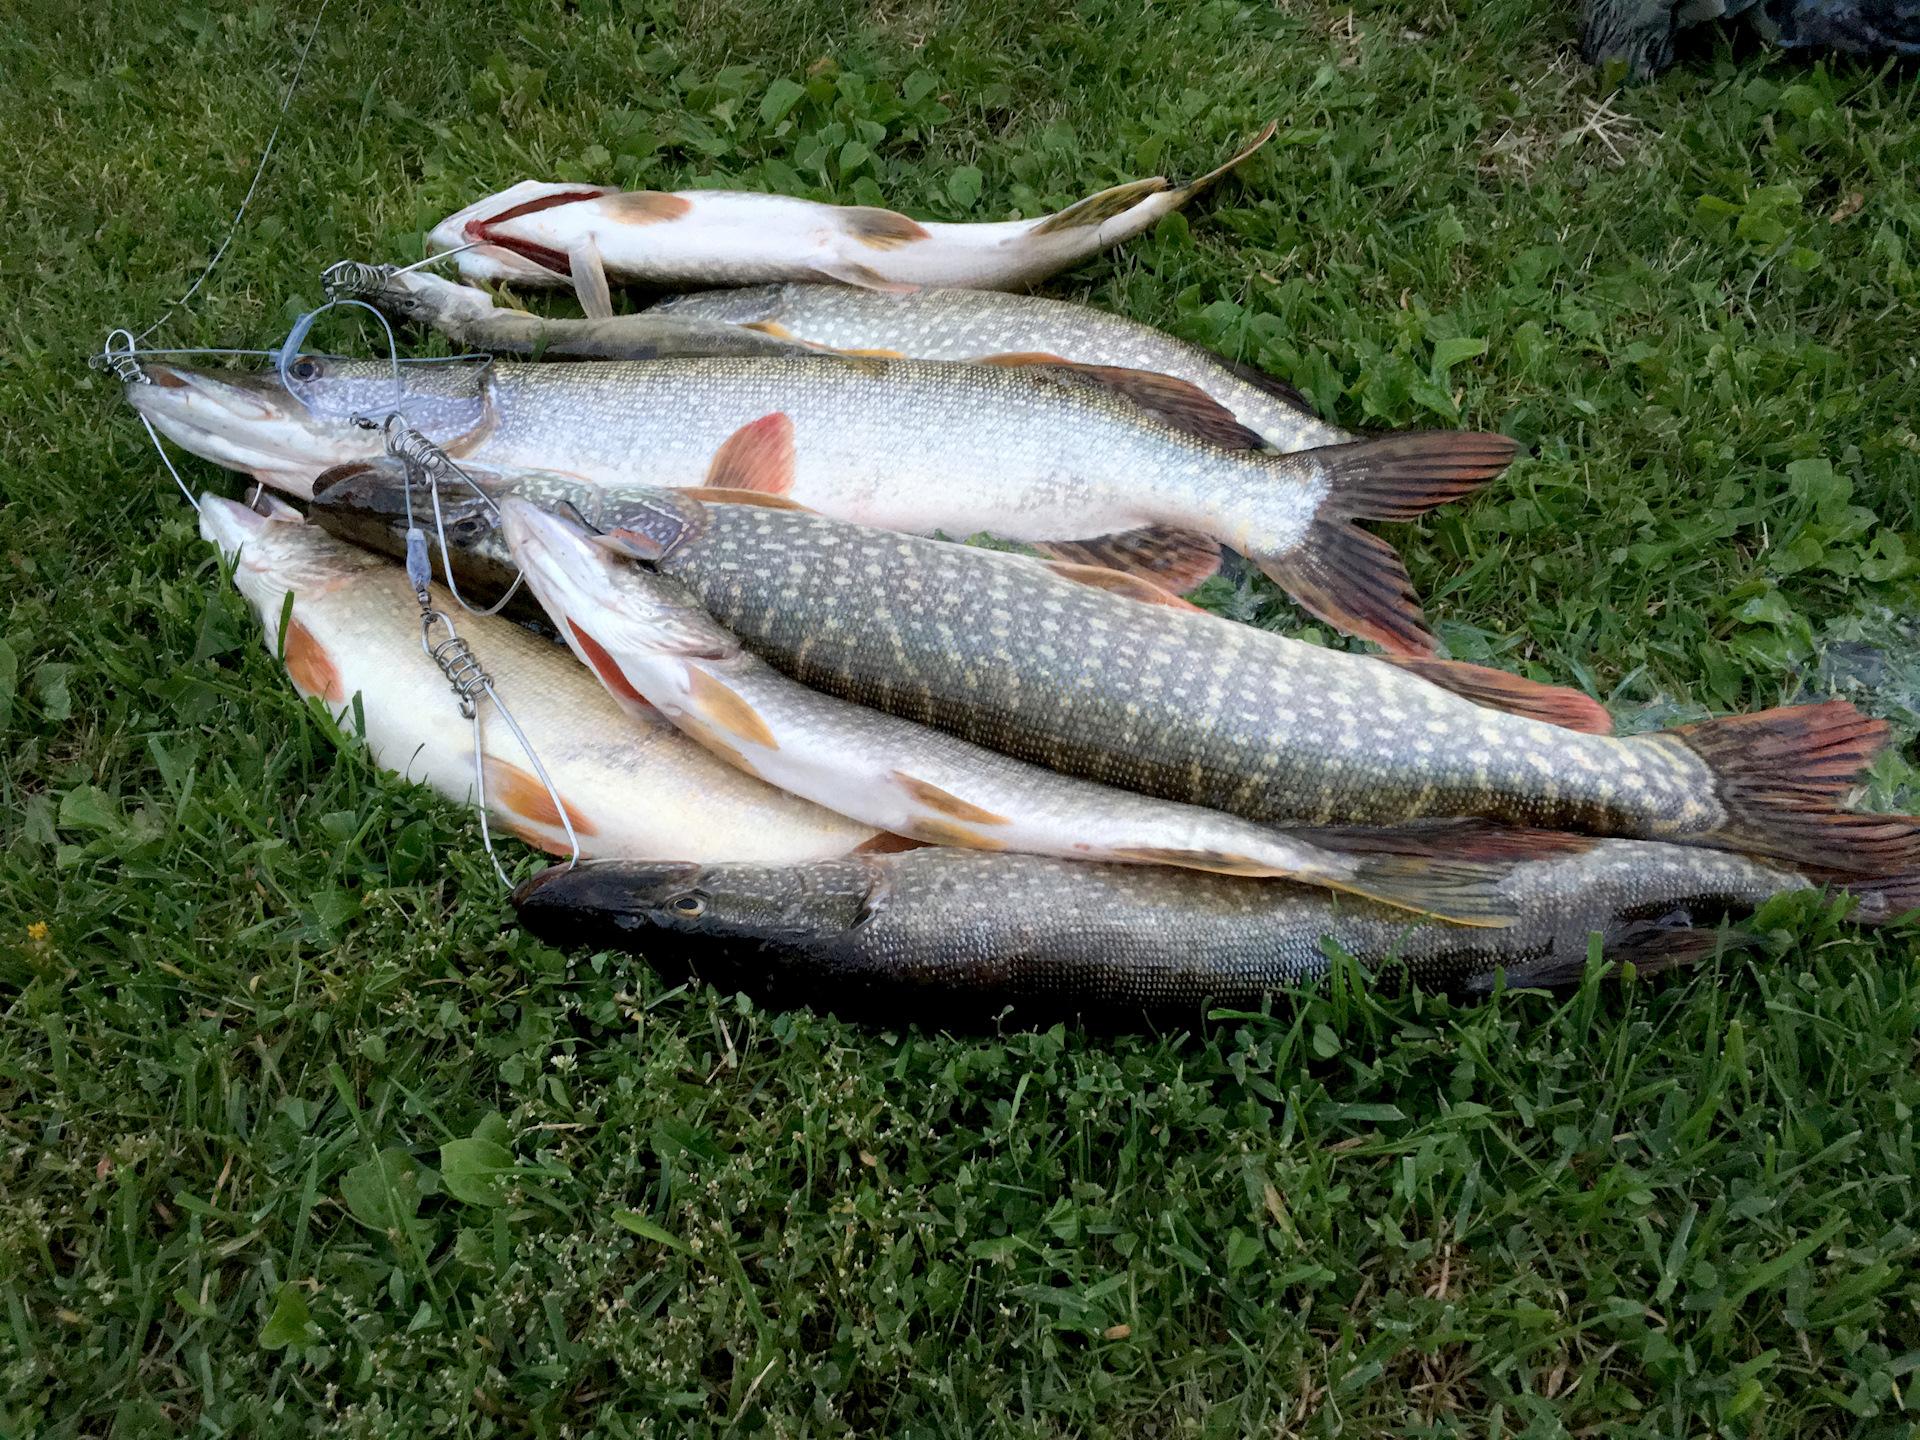 самом картинки рыб омской области жизни, если